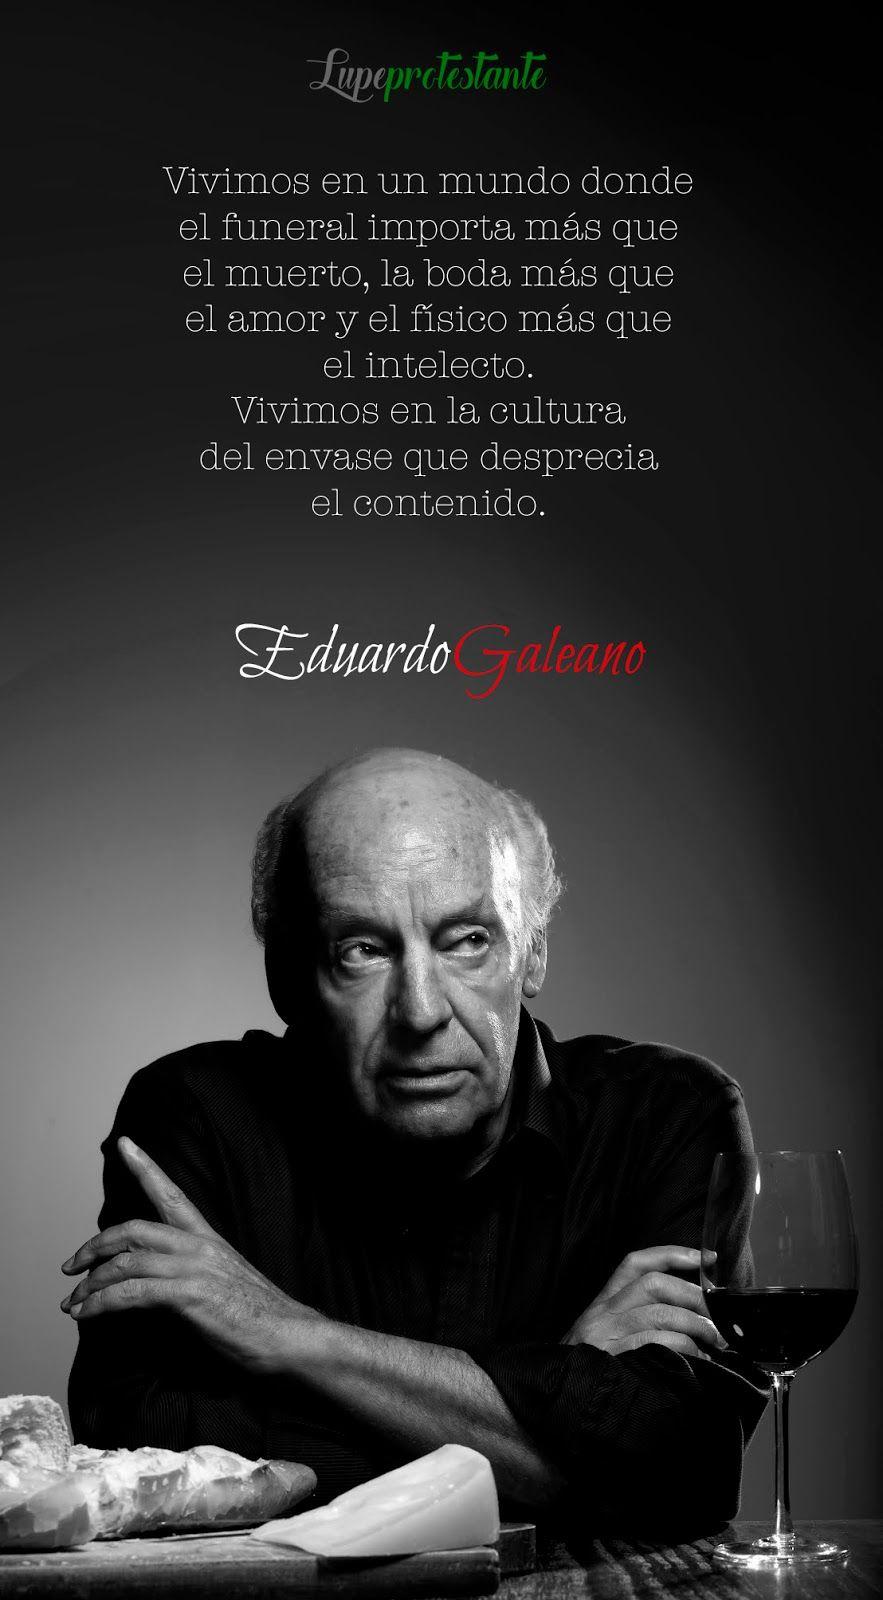 Es Una Frase De Eduardo Galeano Vivimos En La Cultura Del